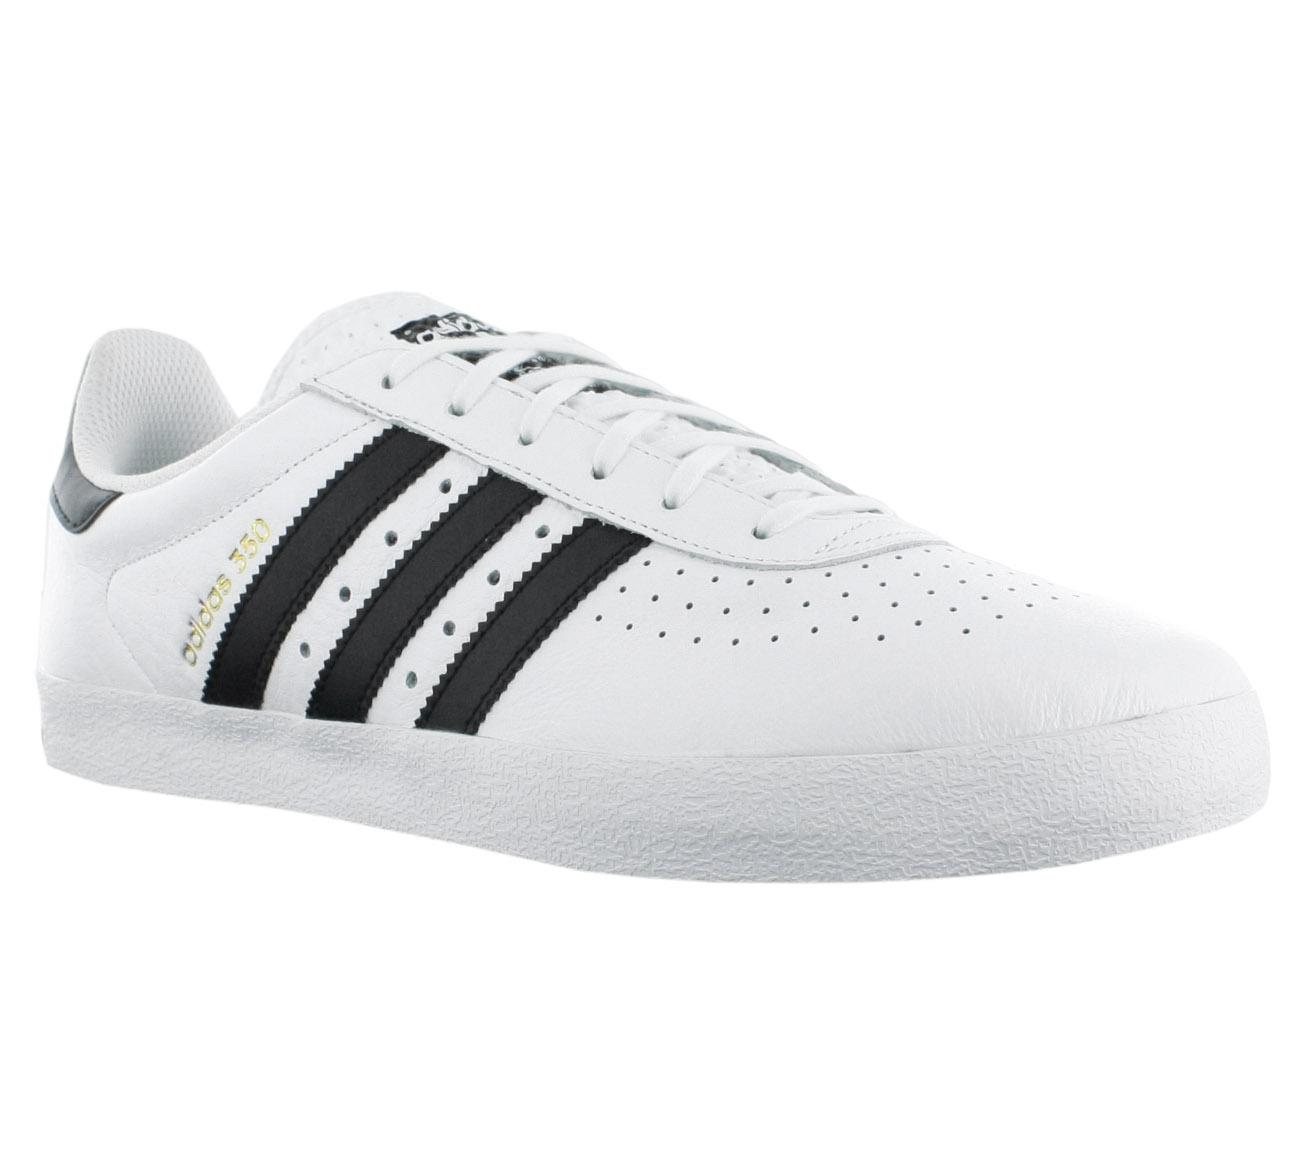 NEU adidas Originals 350 Herren Schuhe Weiß-Schwarz BY9762 SALE